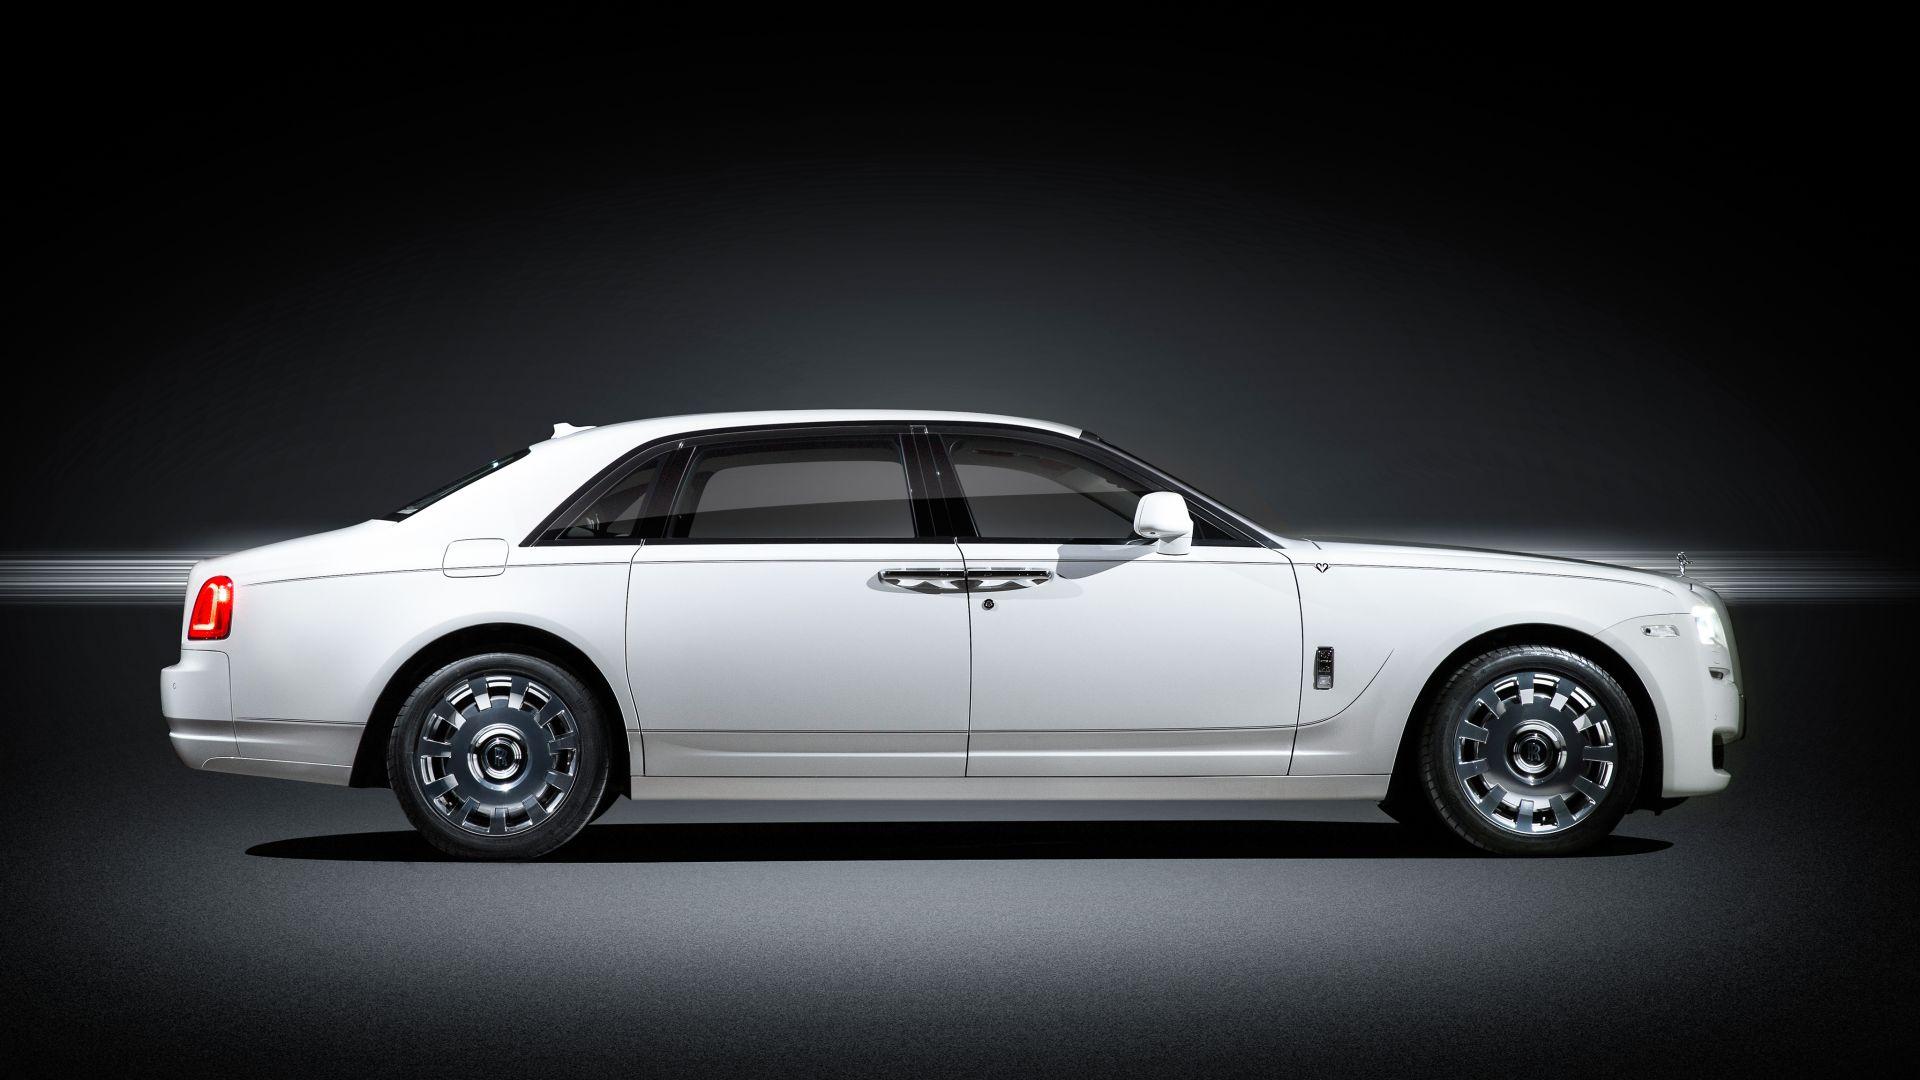 wallpaper rollsroyce ghost quoteternal lovequot luxury cars